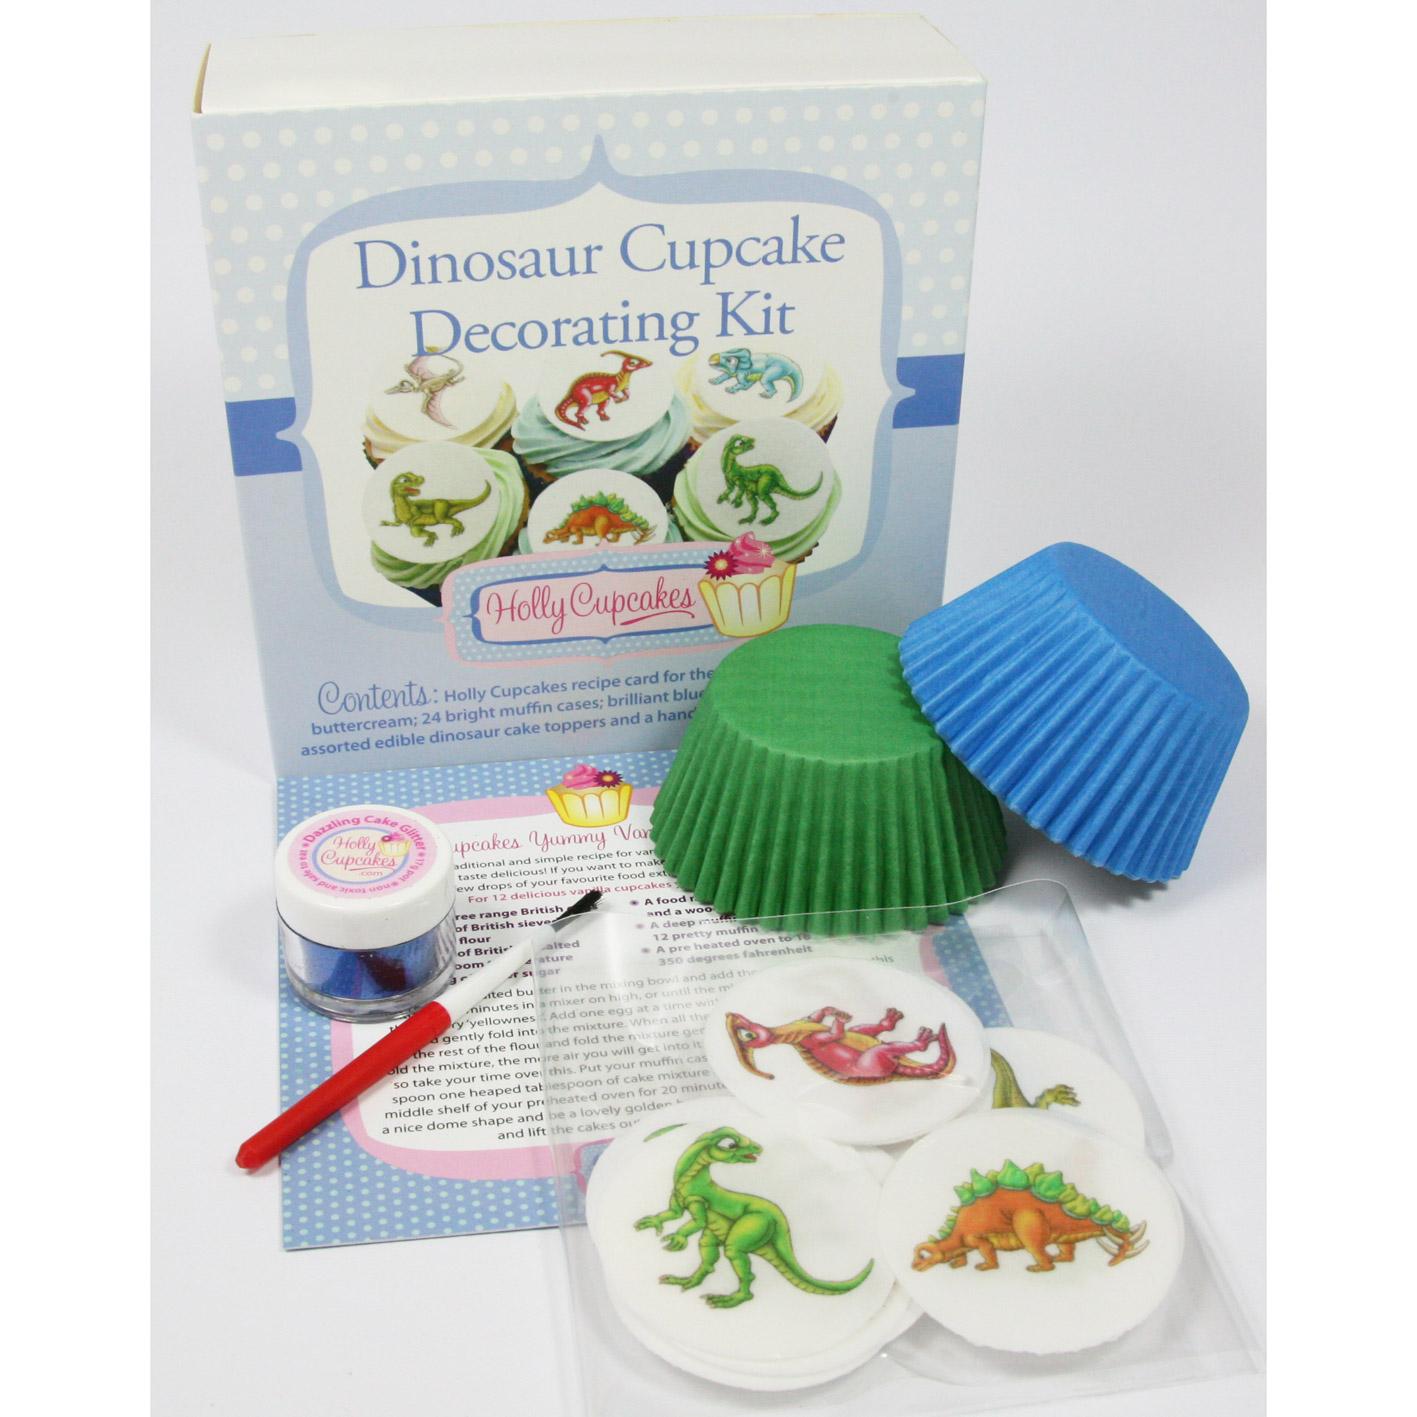 Dinosaur Cupcake Decorating Kit Holly Cupcakes